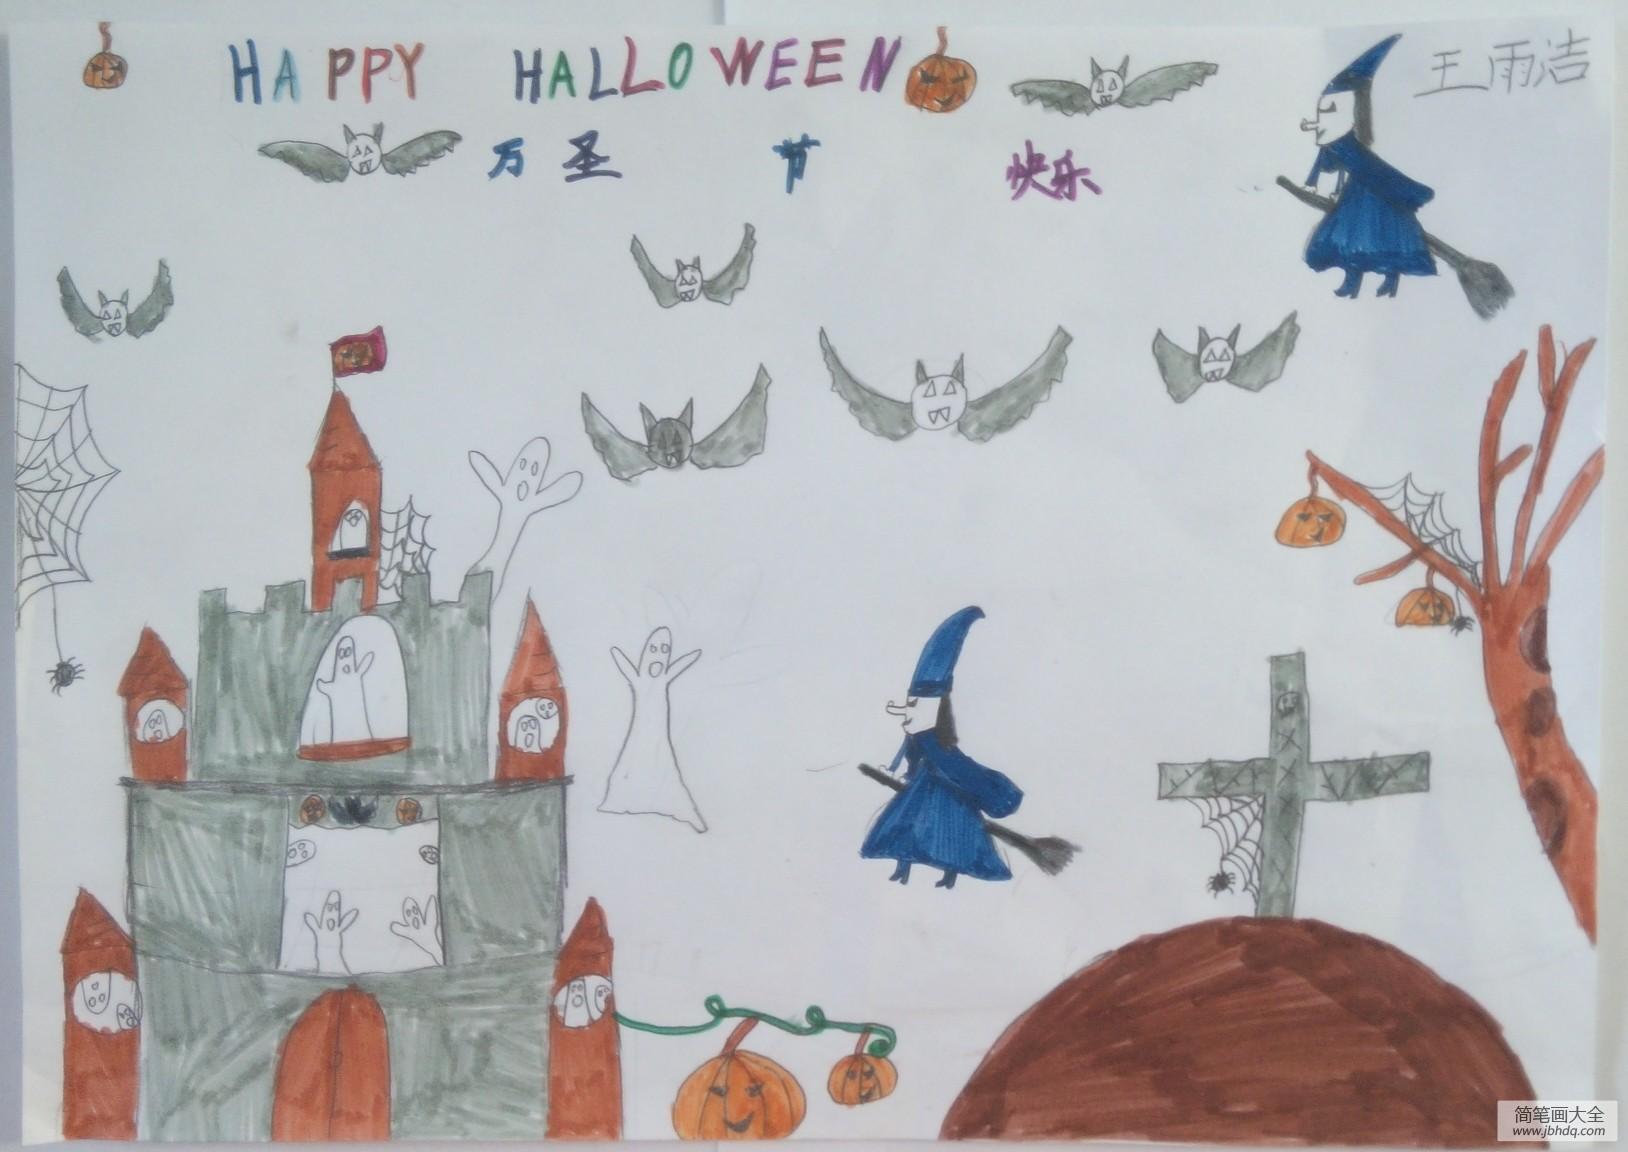 [今天是什么节日]节日儿童画图片,万圣节比赛儿童画图片